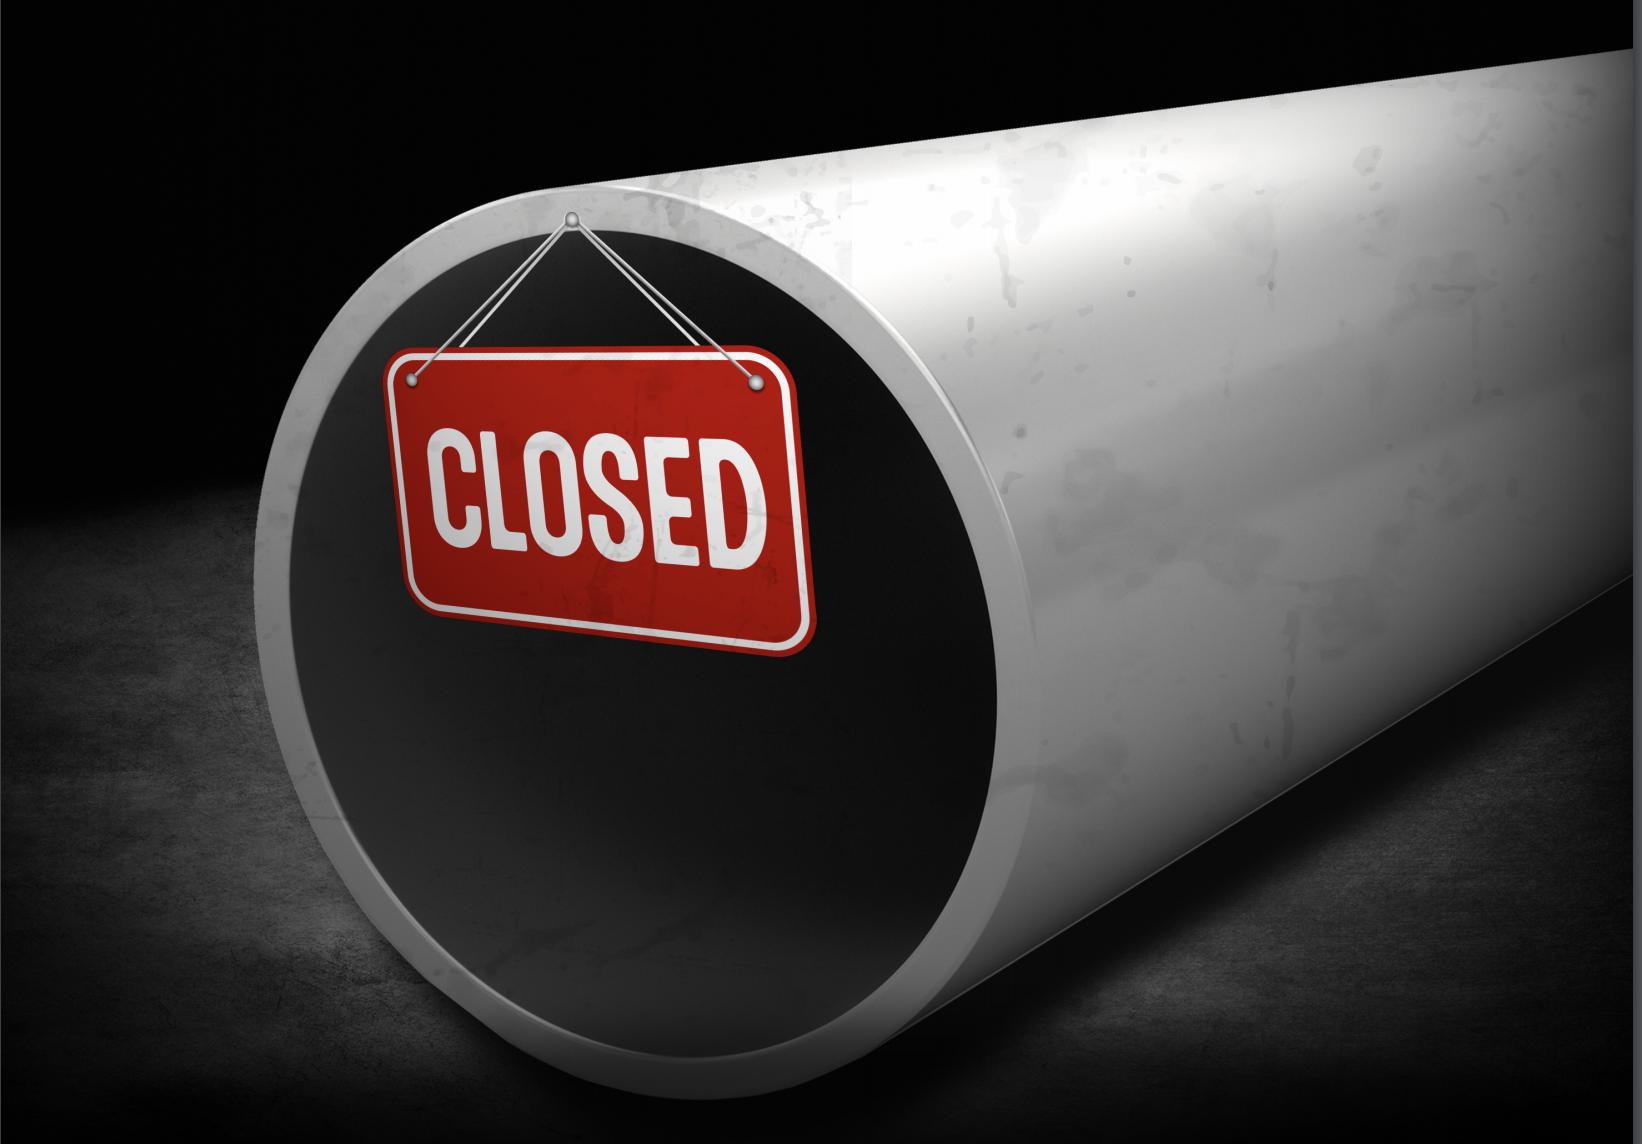 Pipeline Closed